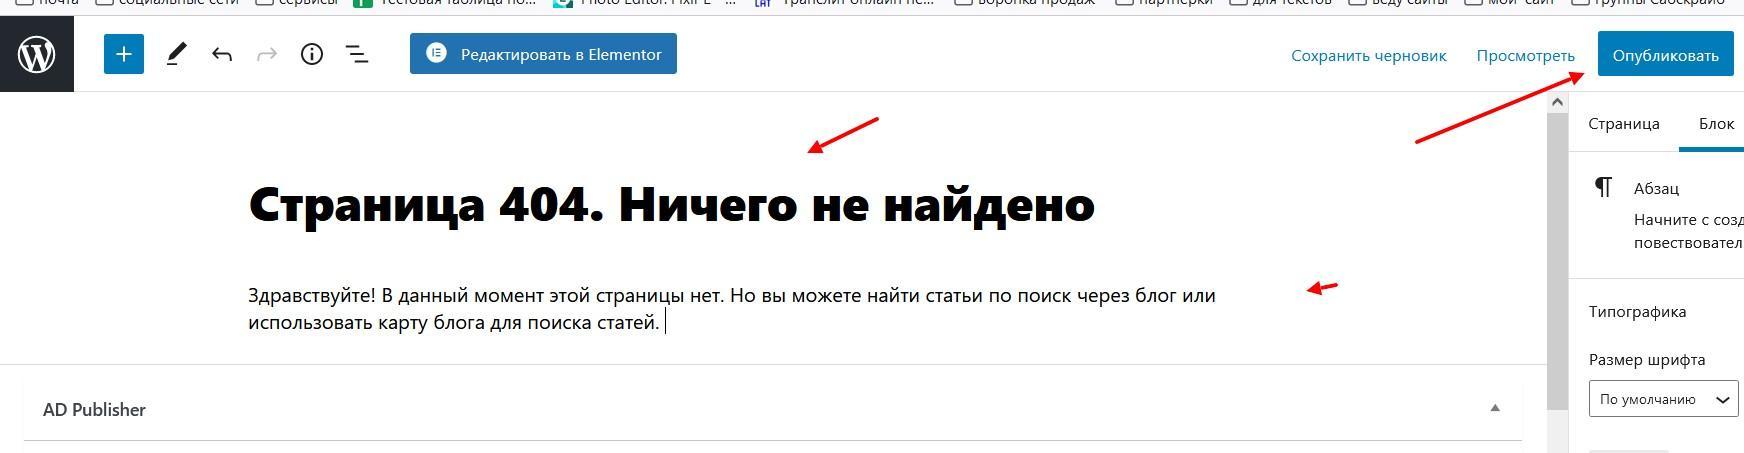 stranitsa 404 3